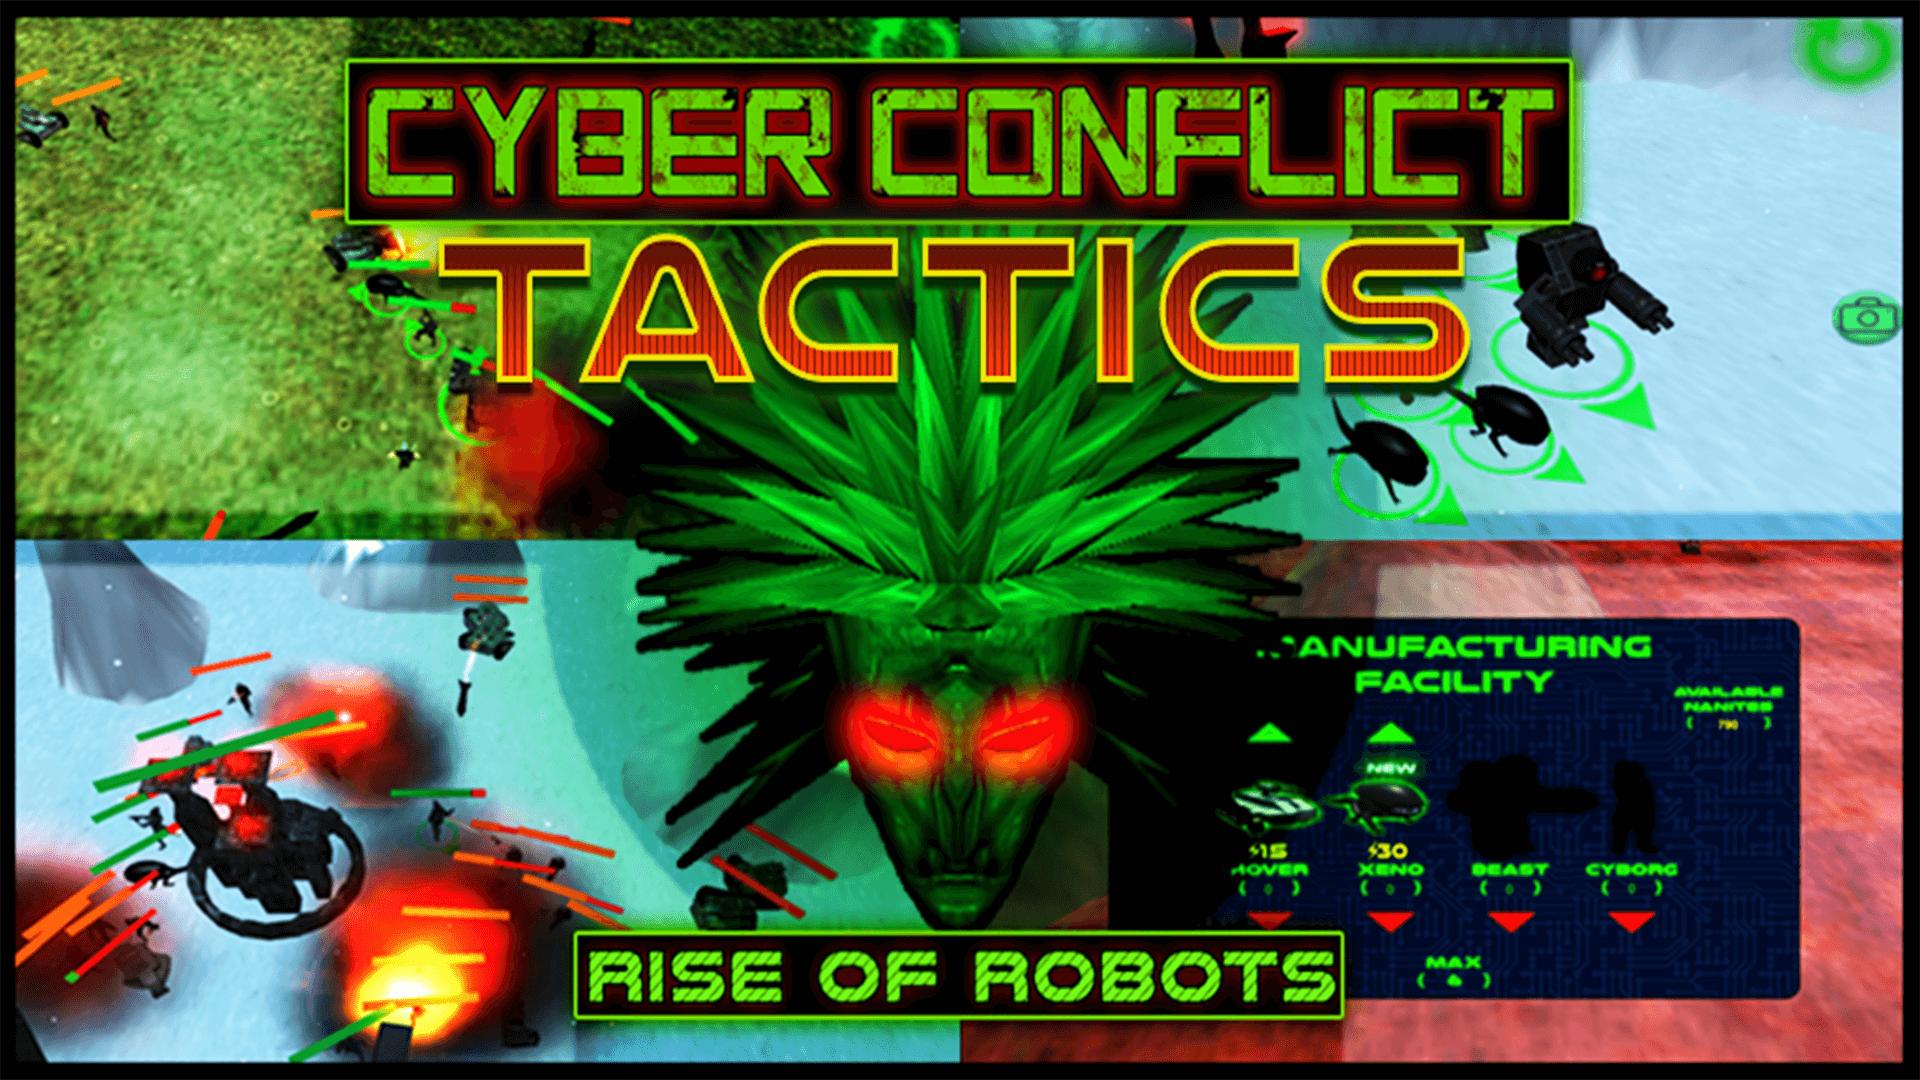 Cyber Conflict Tactics: Rise of Robots